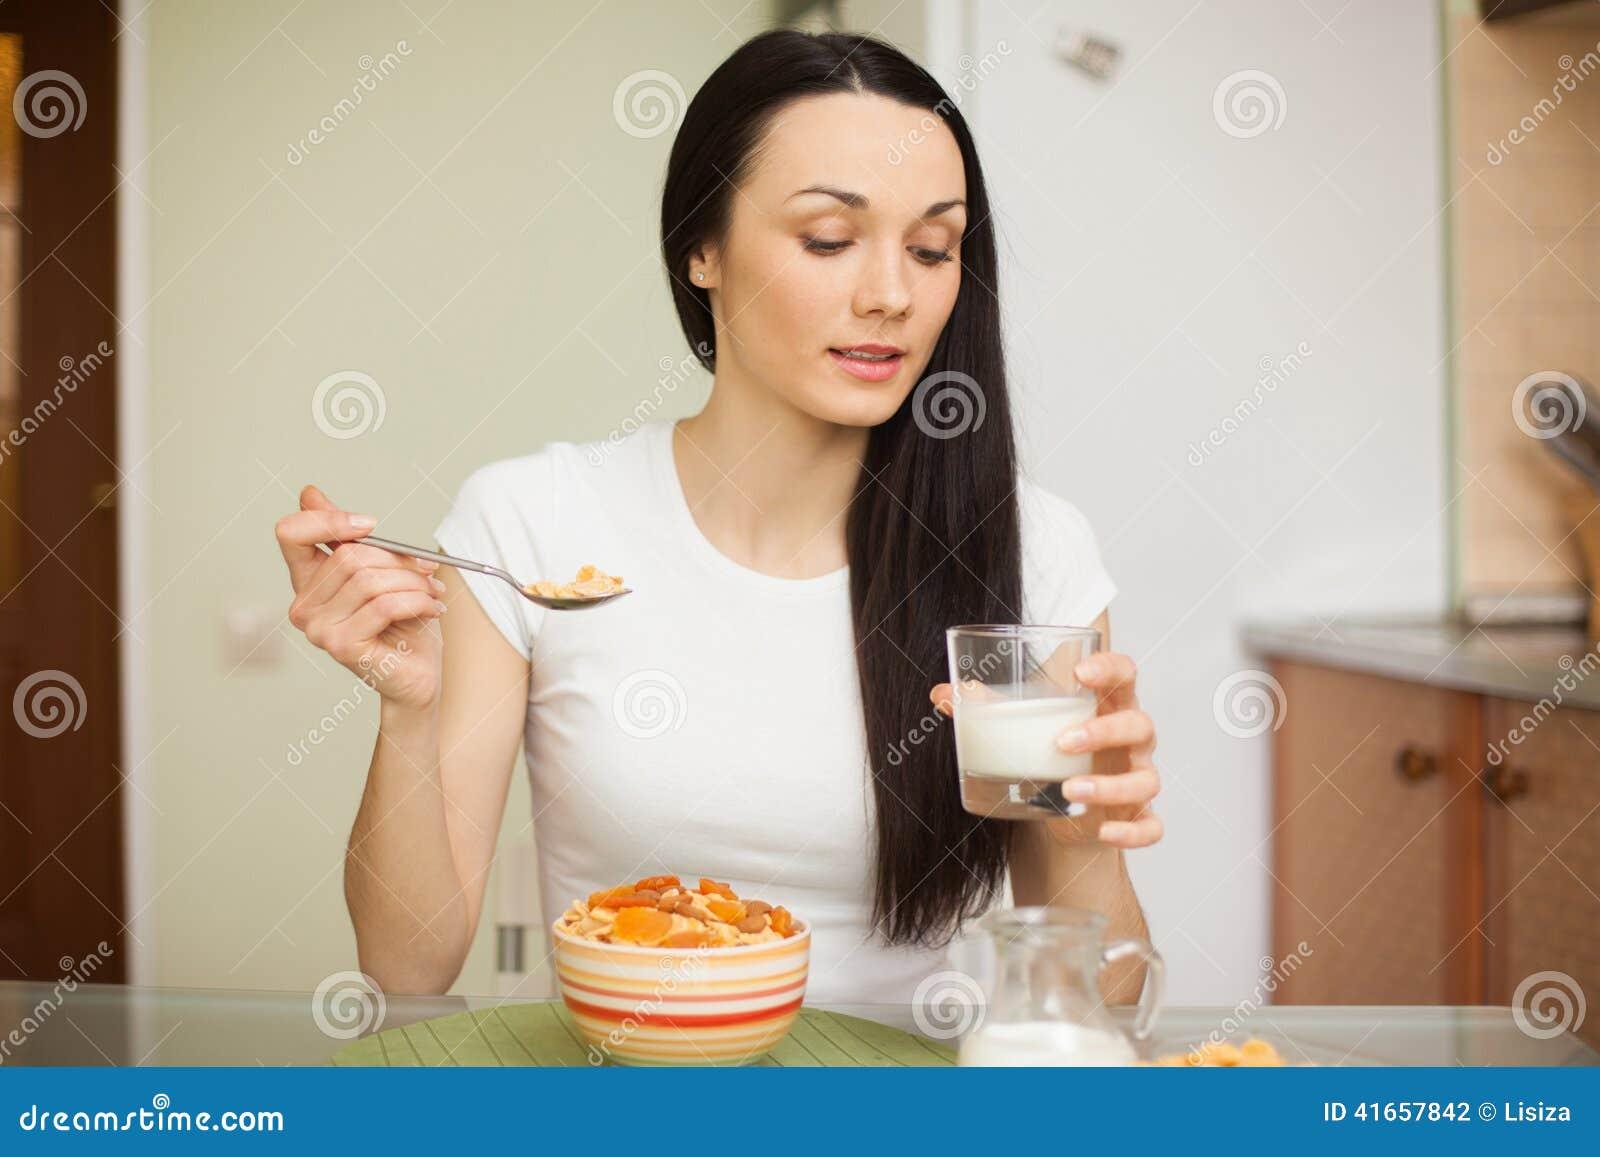 Девушка брюнет есть завтрак с молоком в кухне